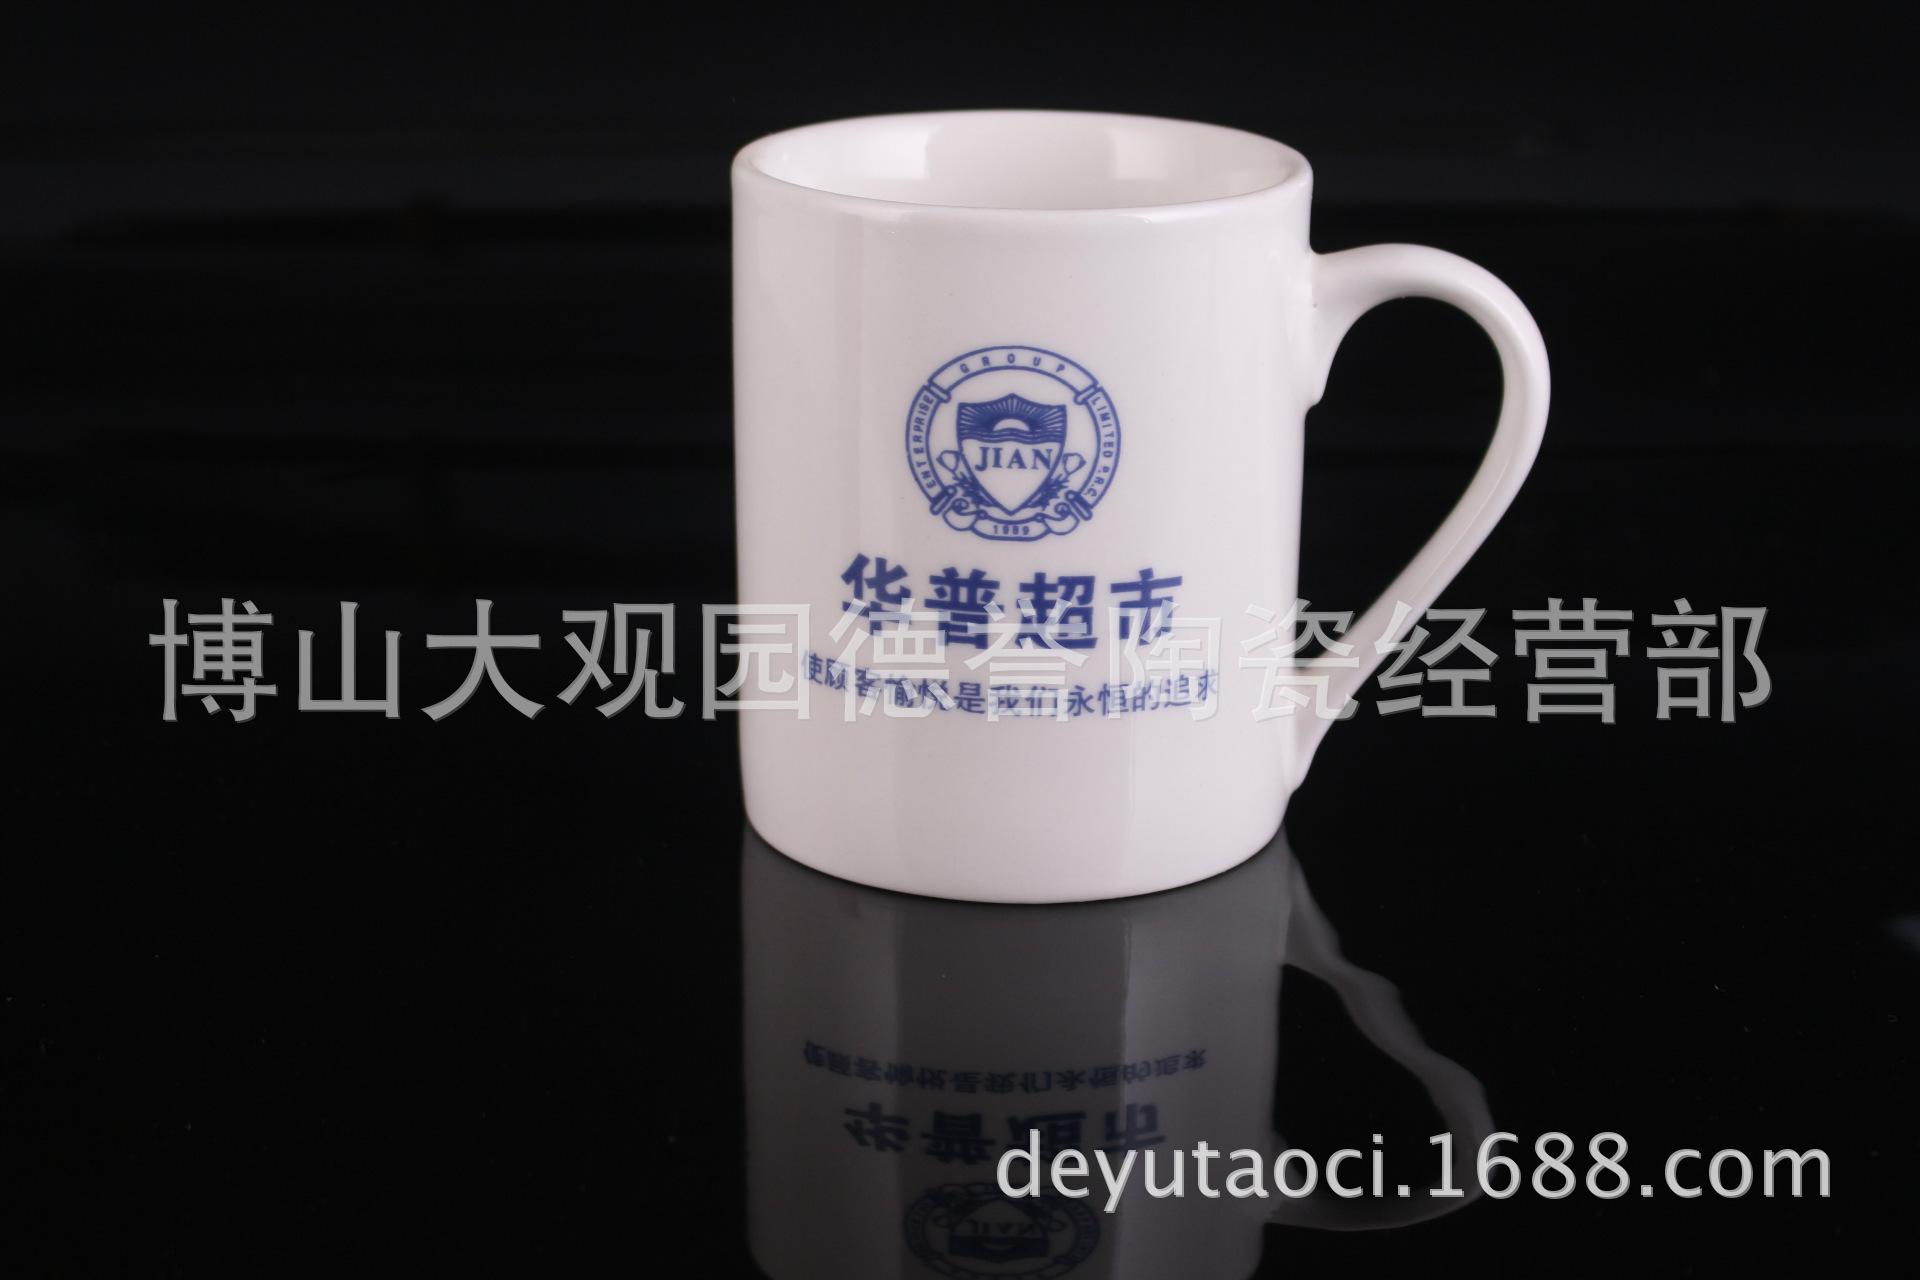 创意马克杯陶瓷礼品广告杯定做实用宣传百货促销活动赠品